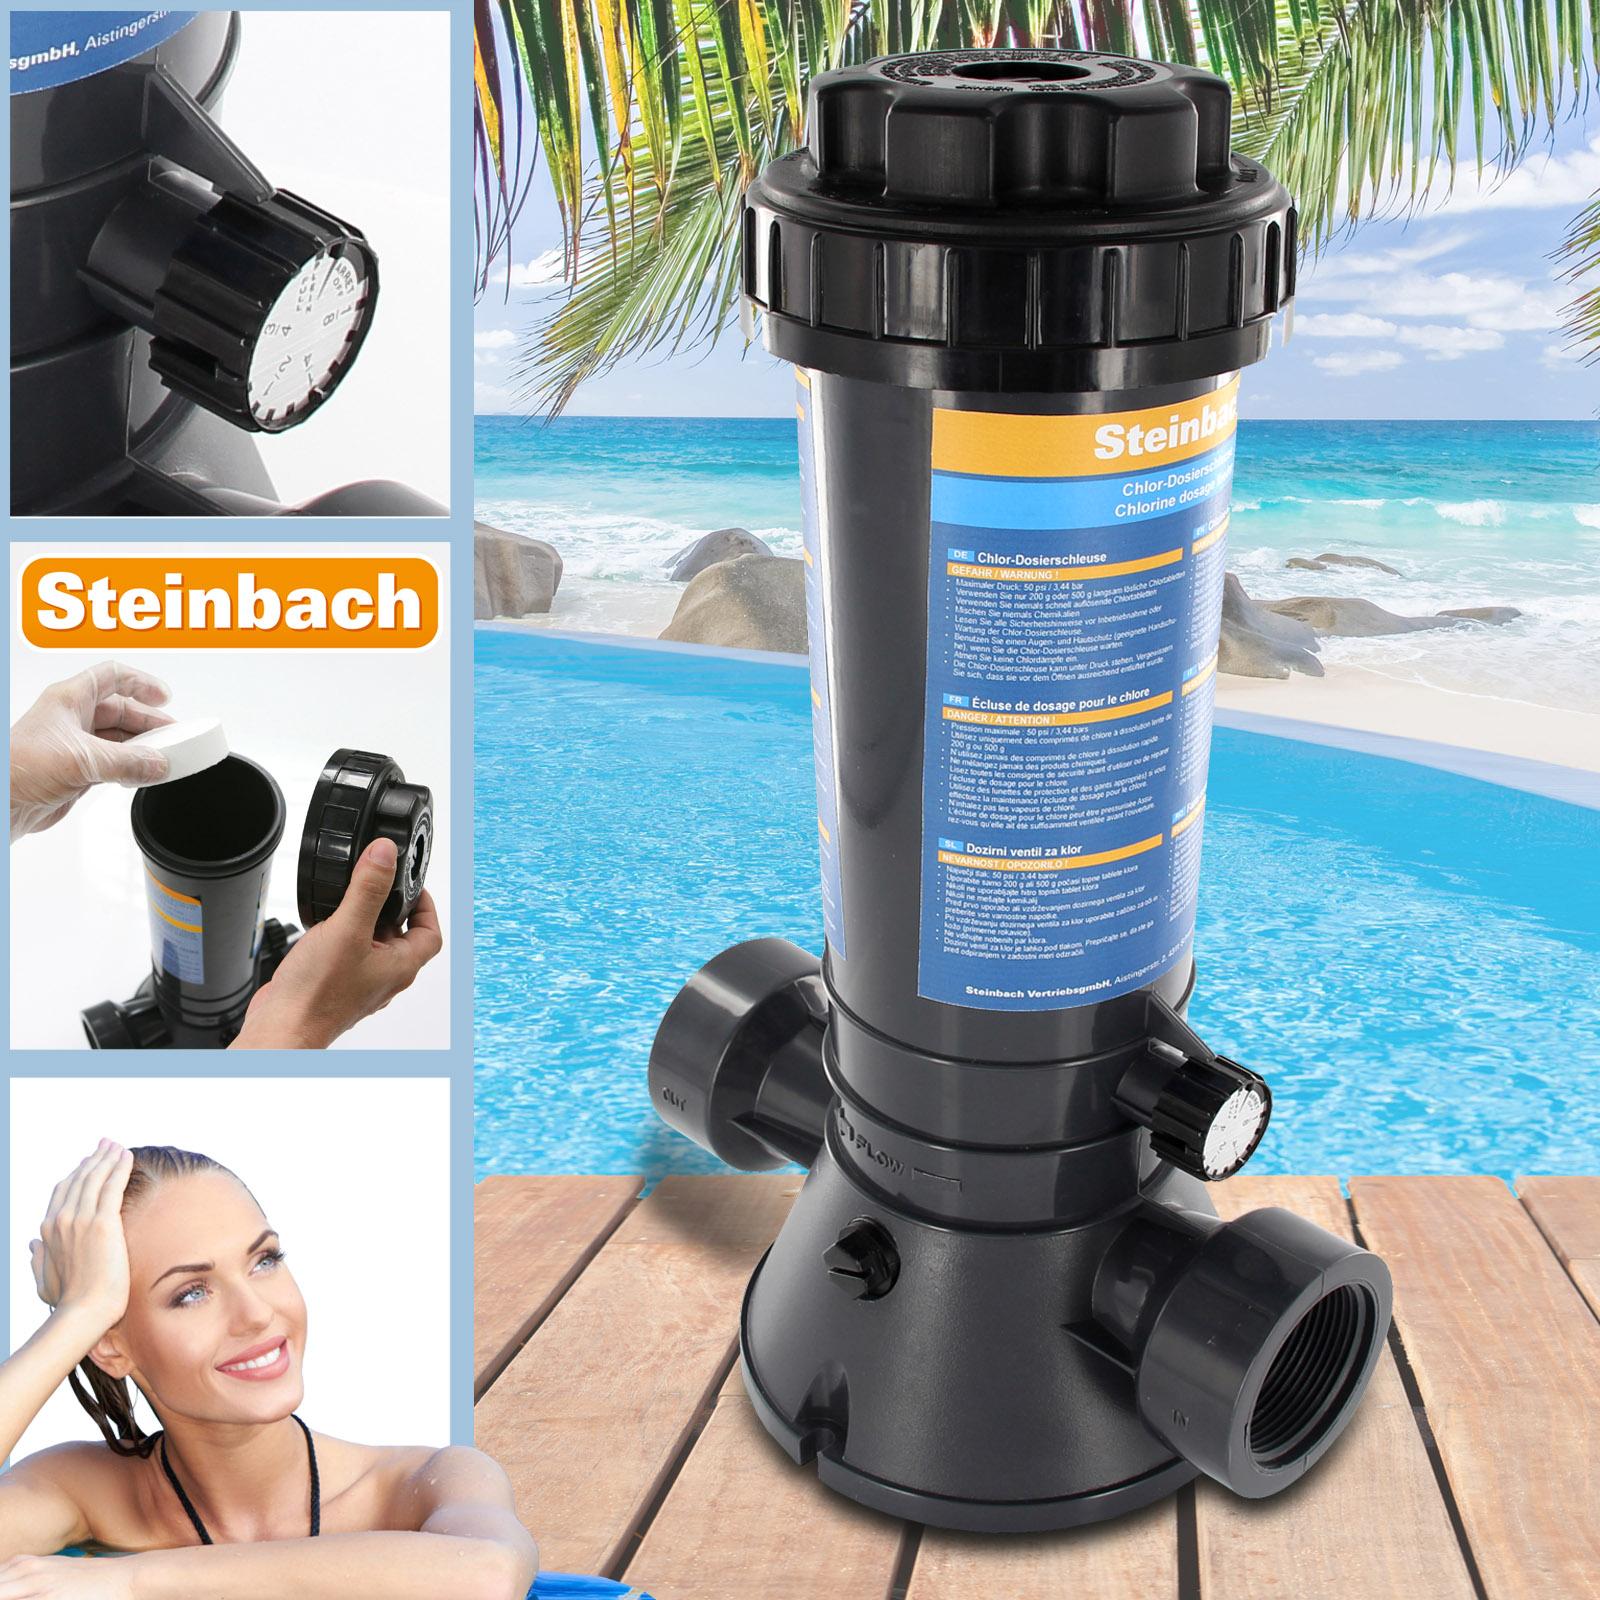 Steinbach 79030 Chlor-Dosierschleuse für Pool chlortabs multitabs